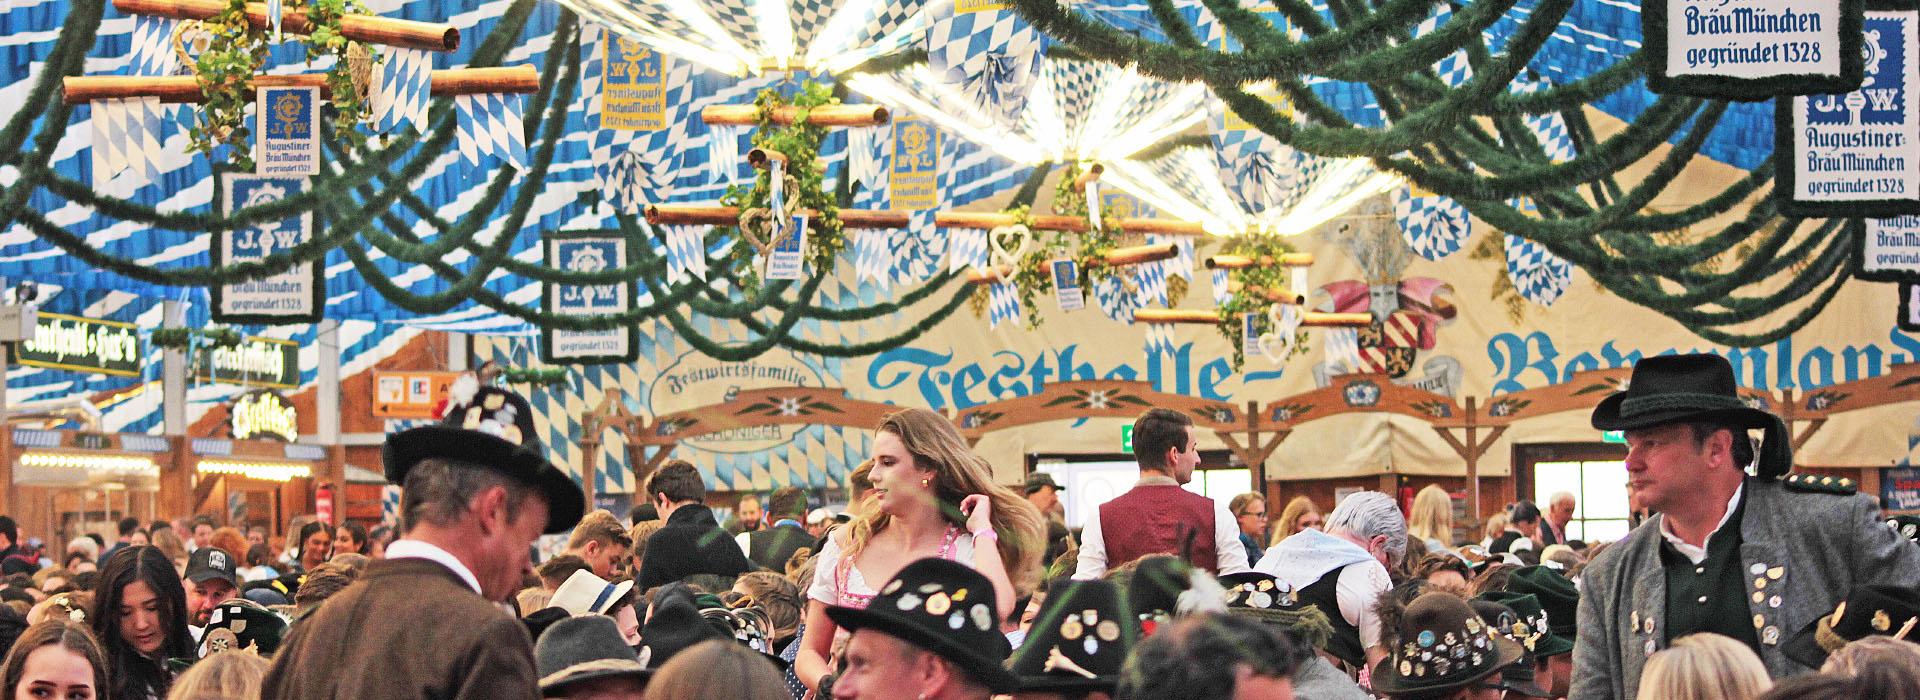 Festzelt_Muenchen_Festhalle-Bayernland_Fruehlingsfest_2020_Augustiner